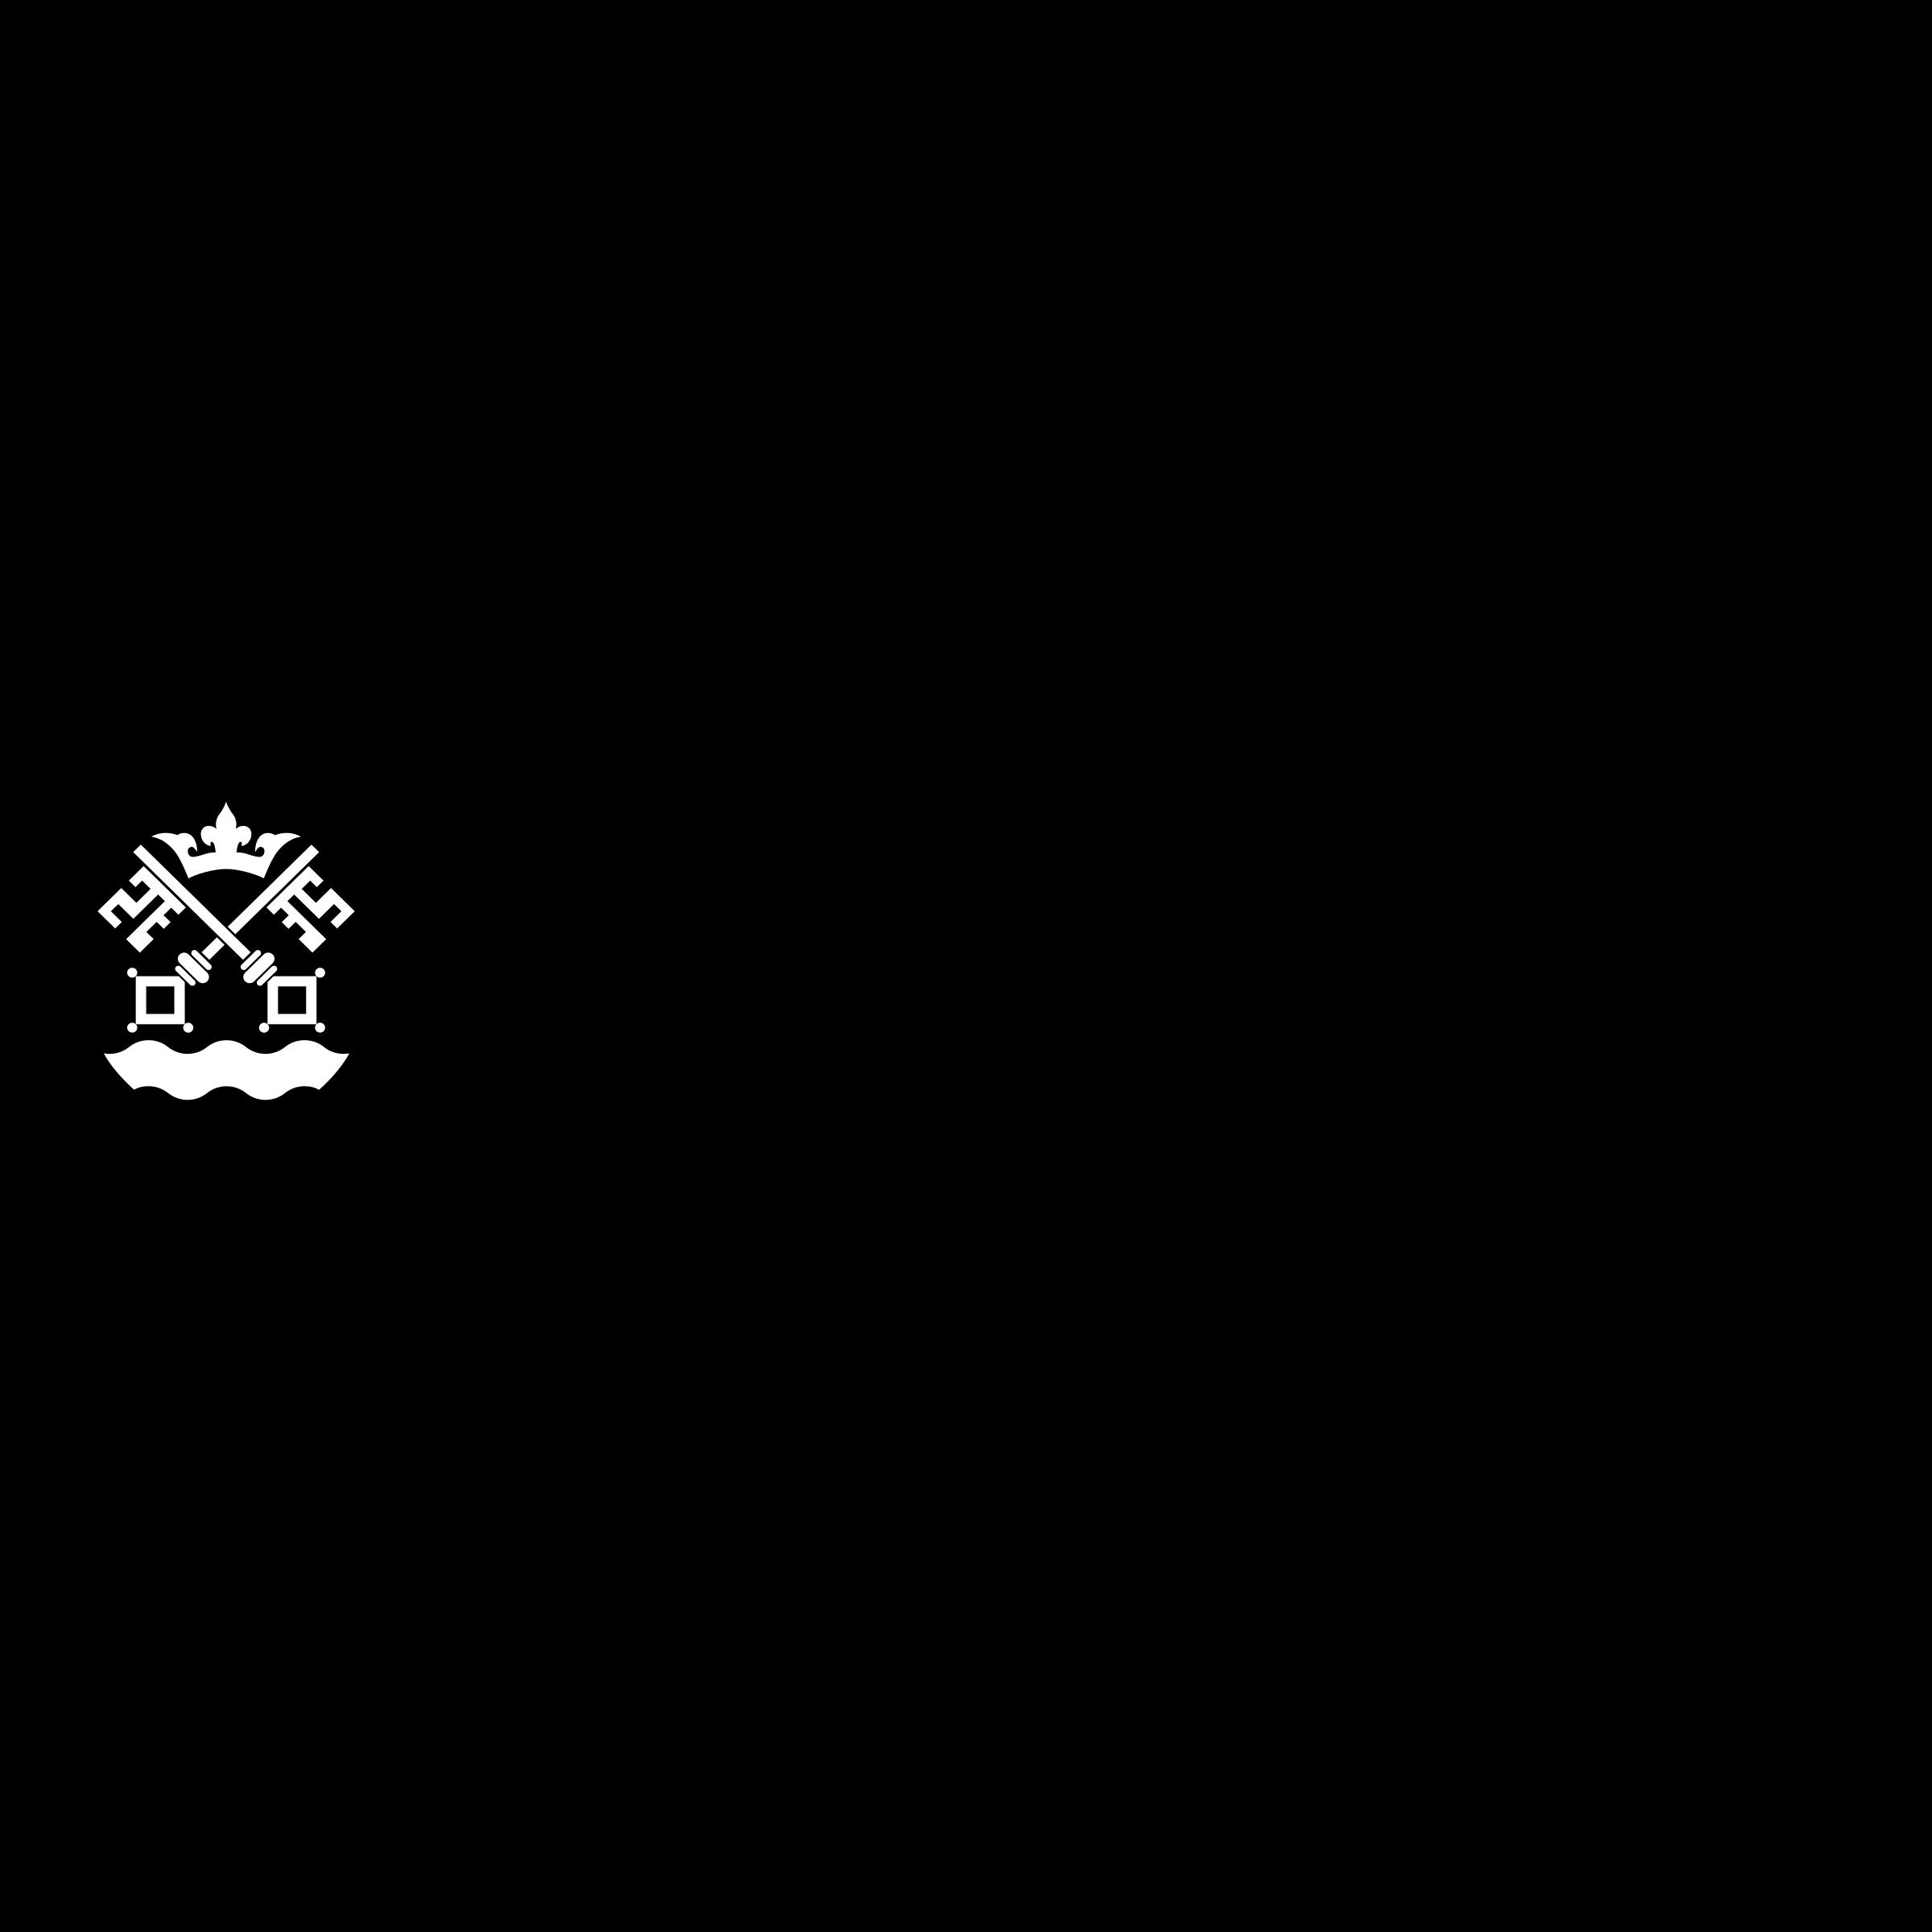 naestved-kommune-logo-png-transparent.png